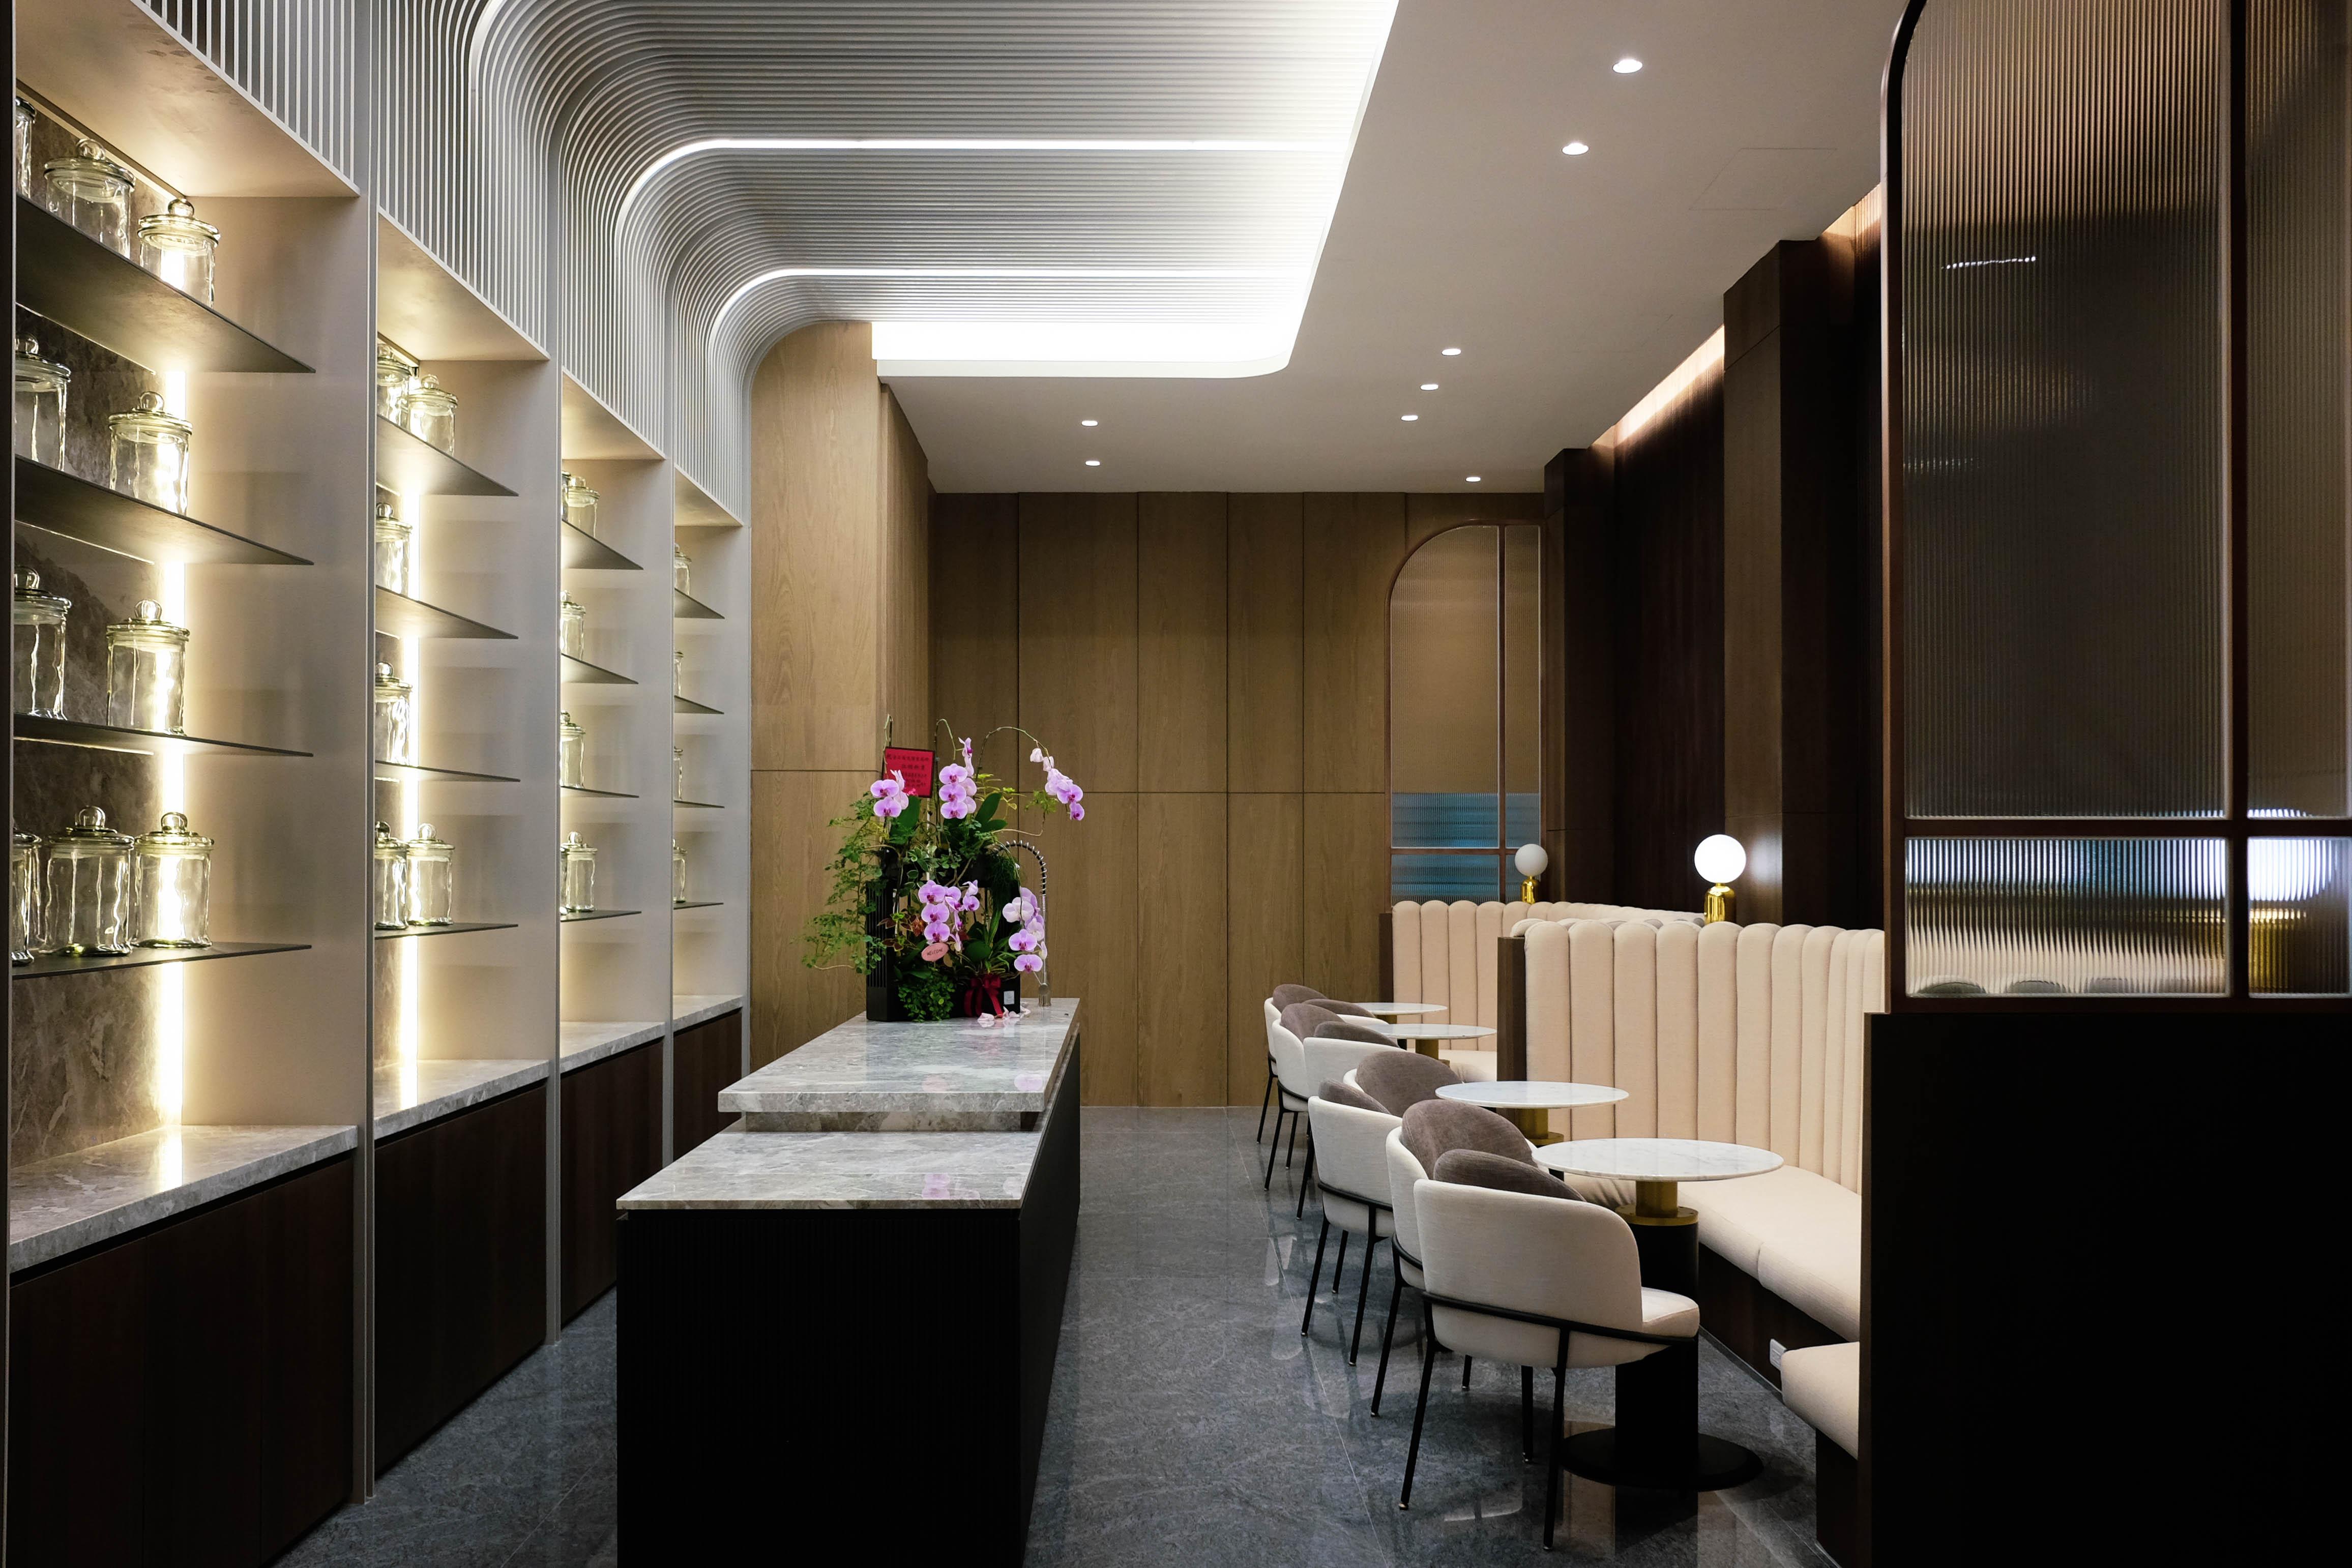 圖片:嘉義西區透天+大樓-金石建設 金石龍悅:極古典X極現代 建築界的創舉